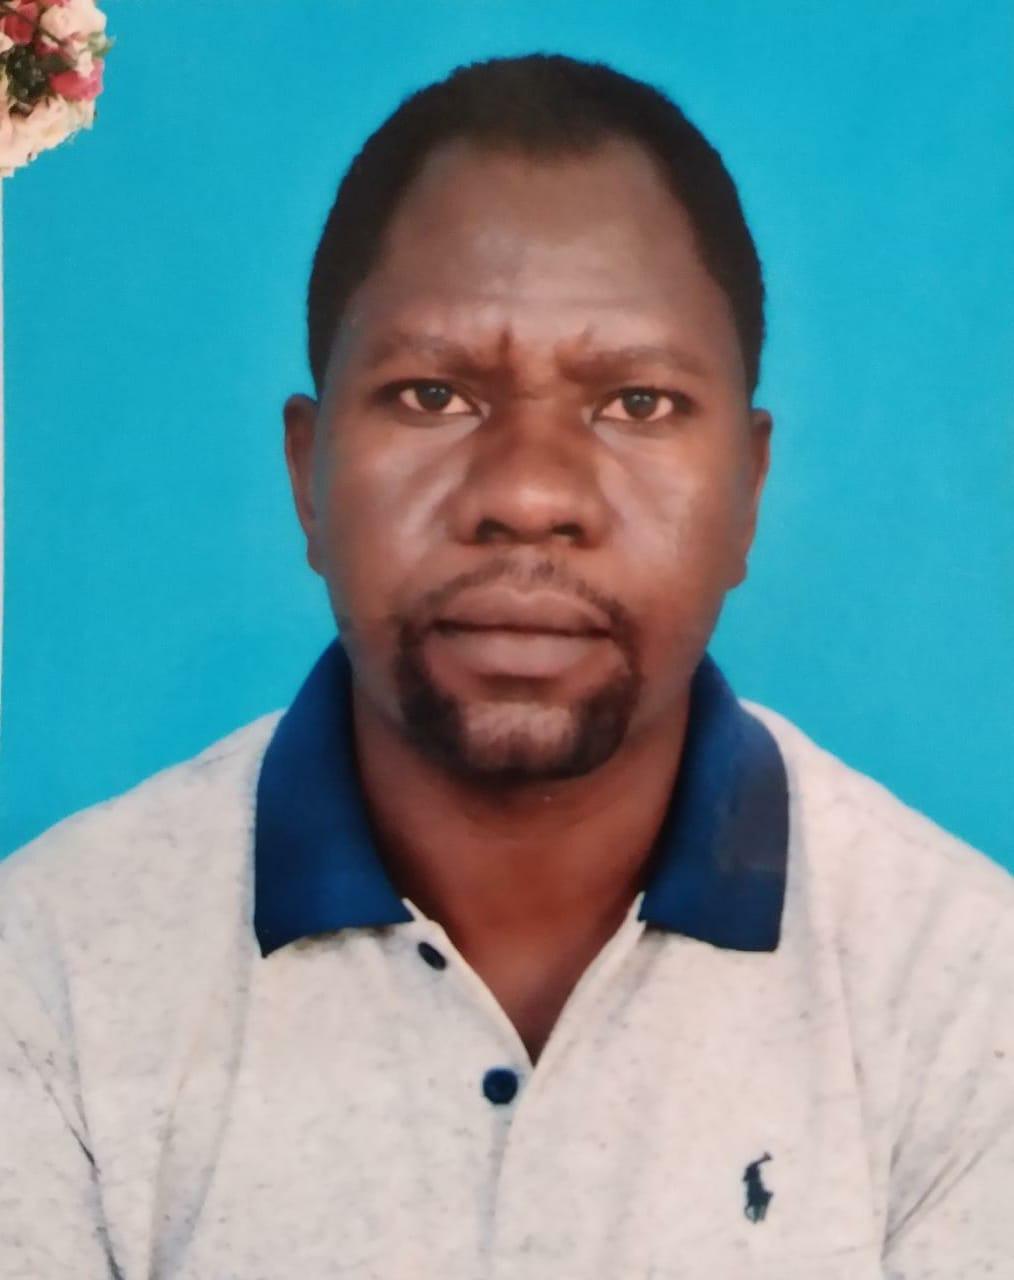 Kizito Musamali